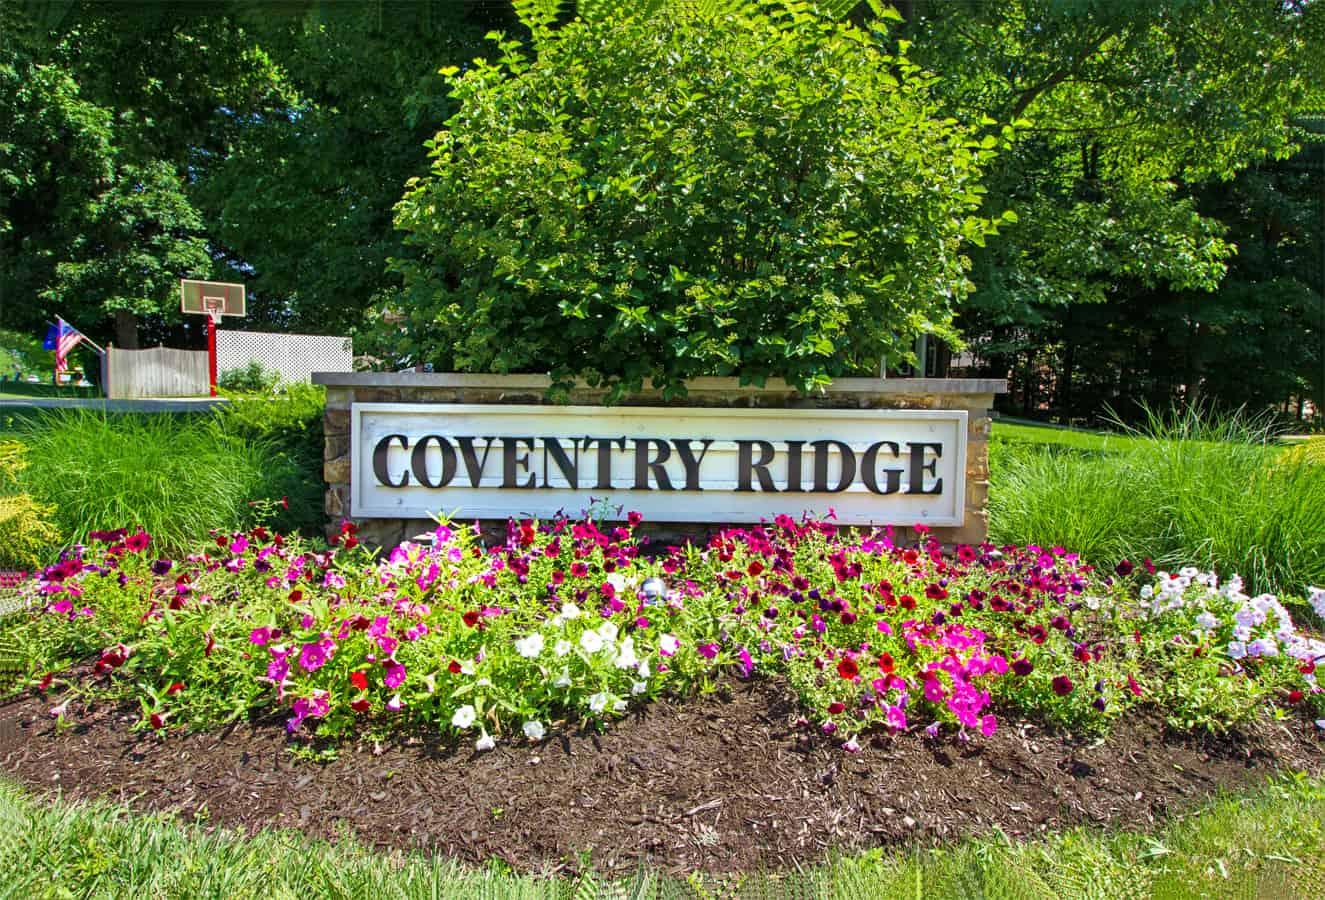 CoventryRidge